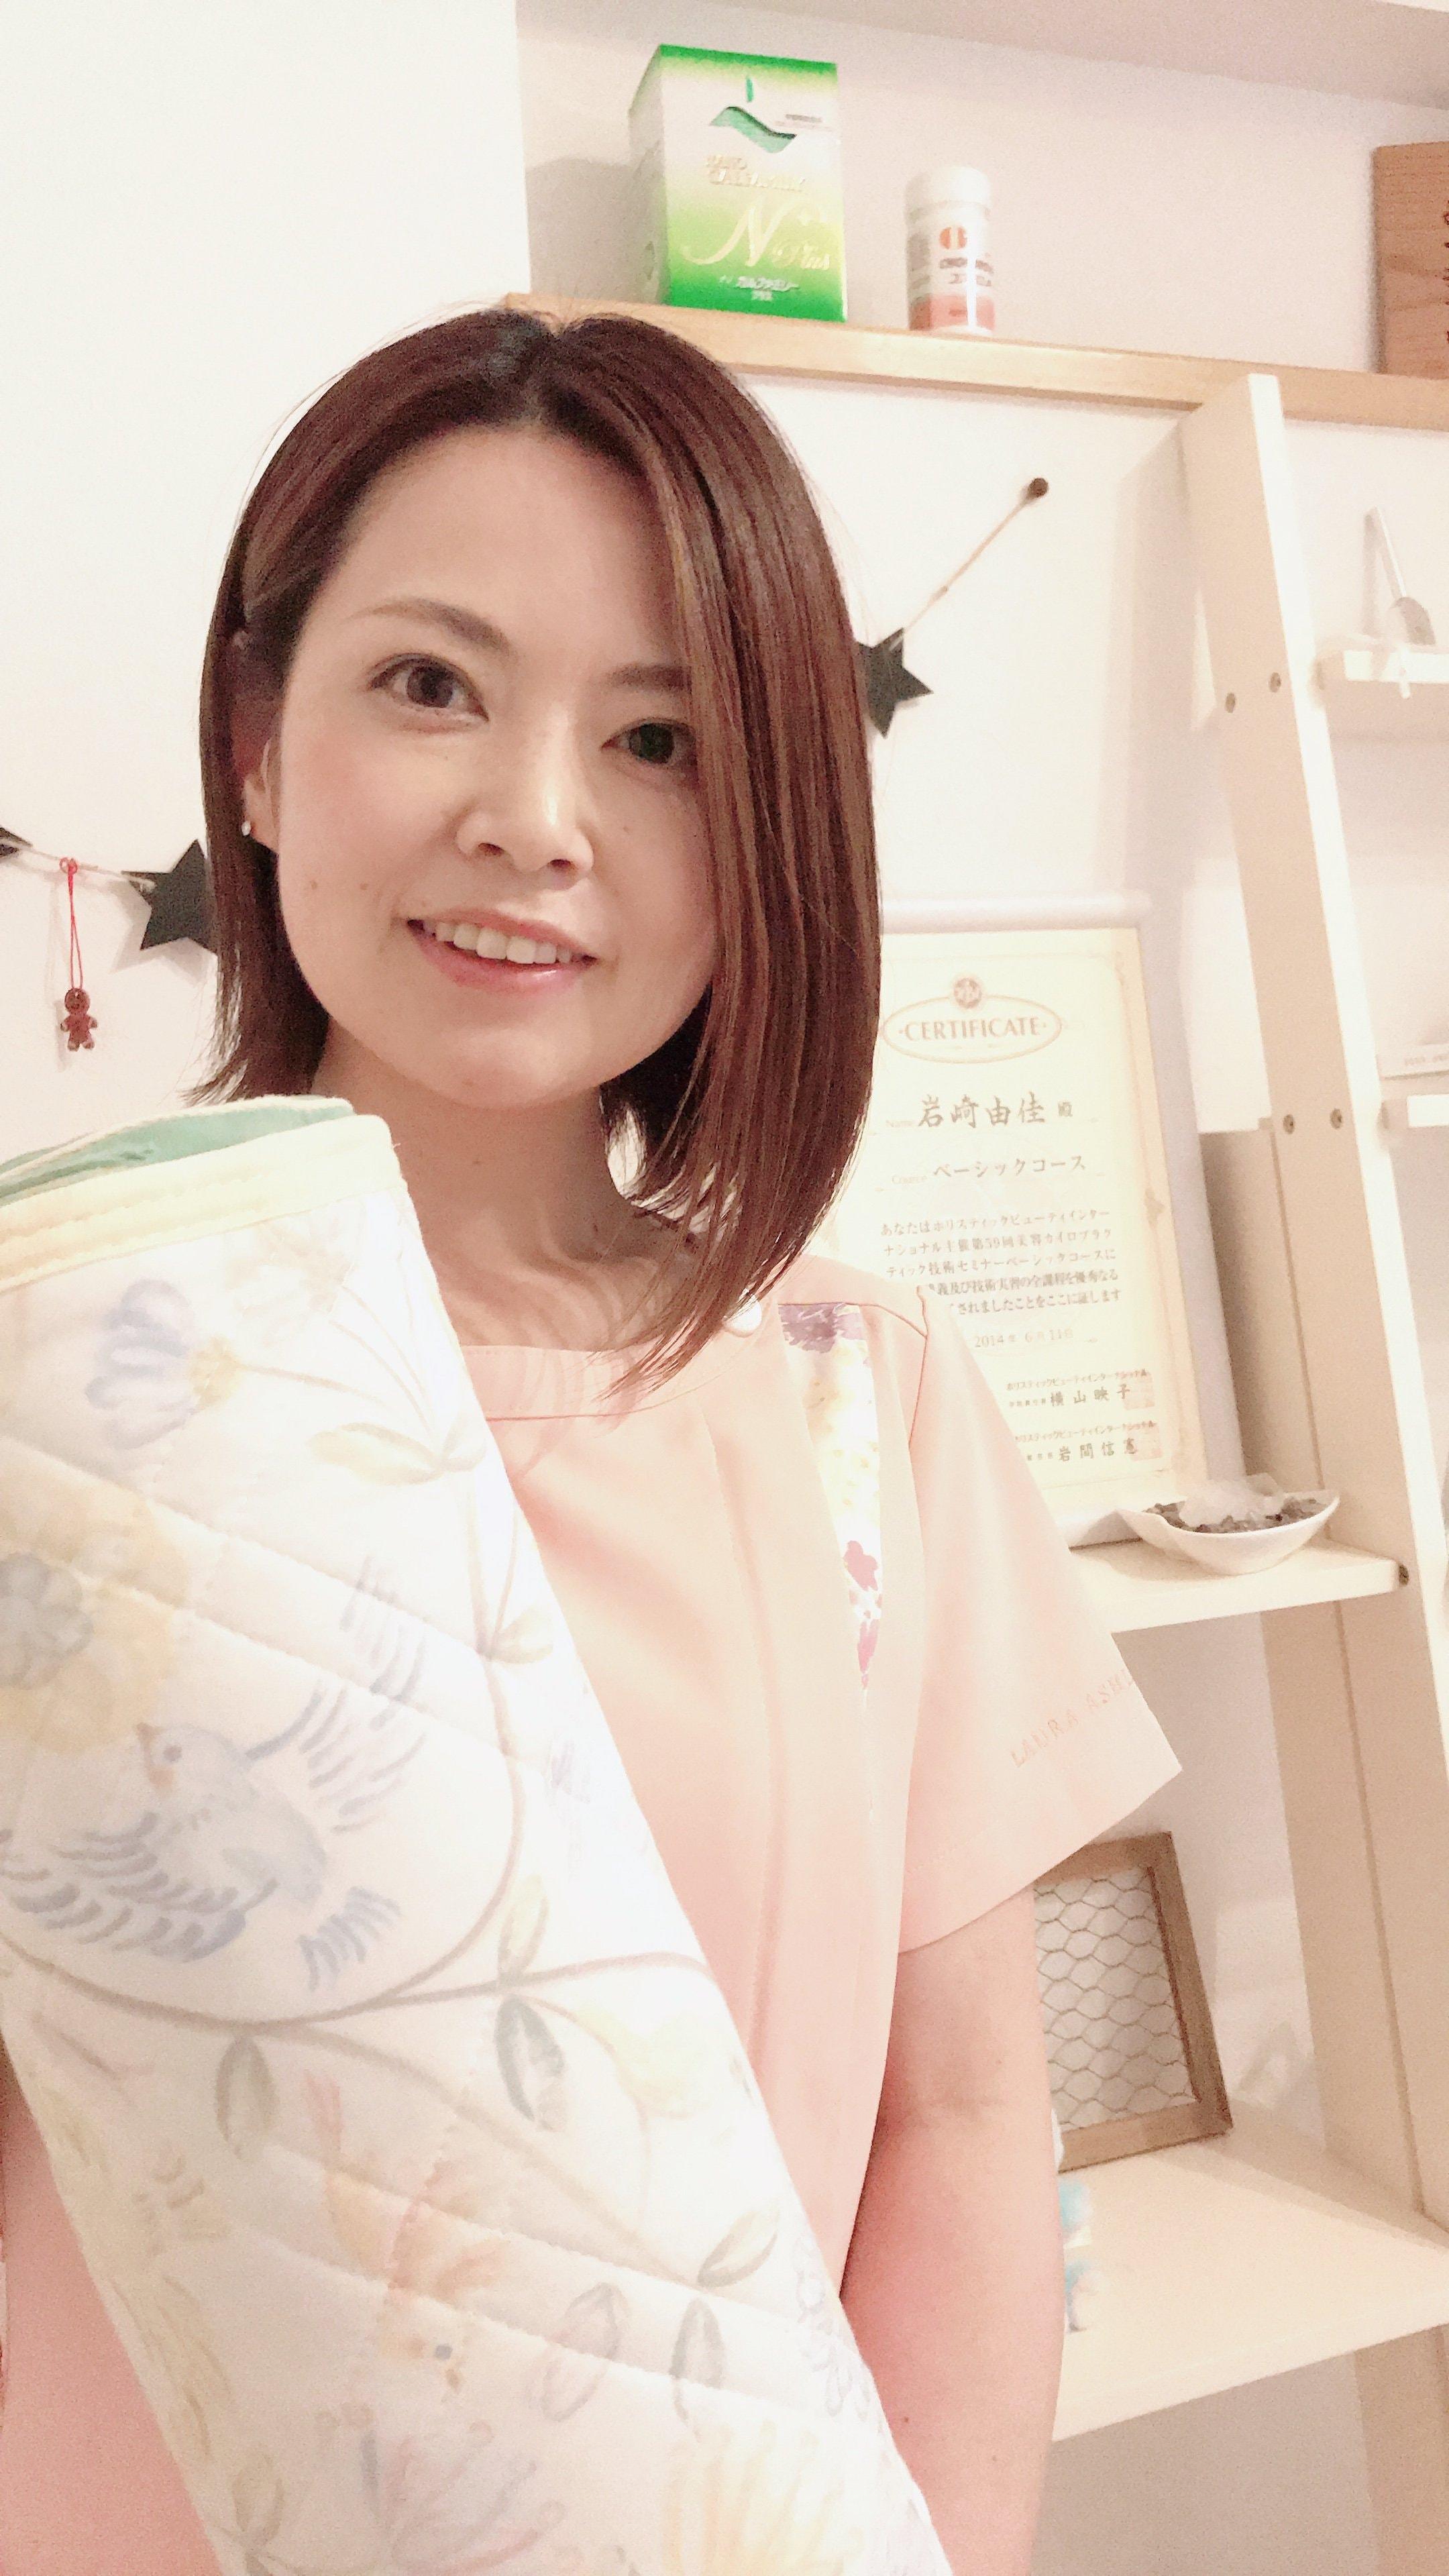 YUKAのお気に入りを紹介する素敵チケット✨姫路のイメージその1